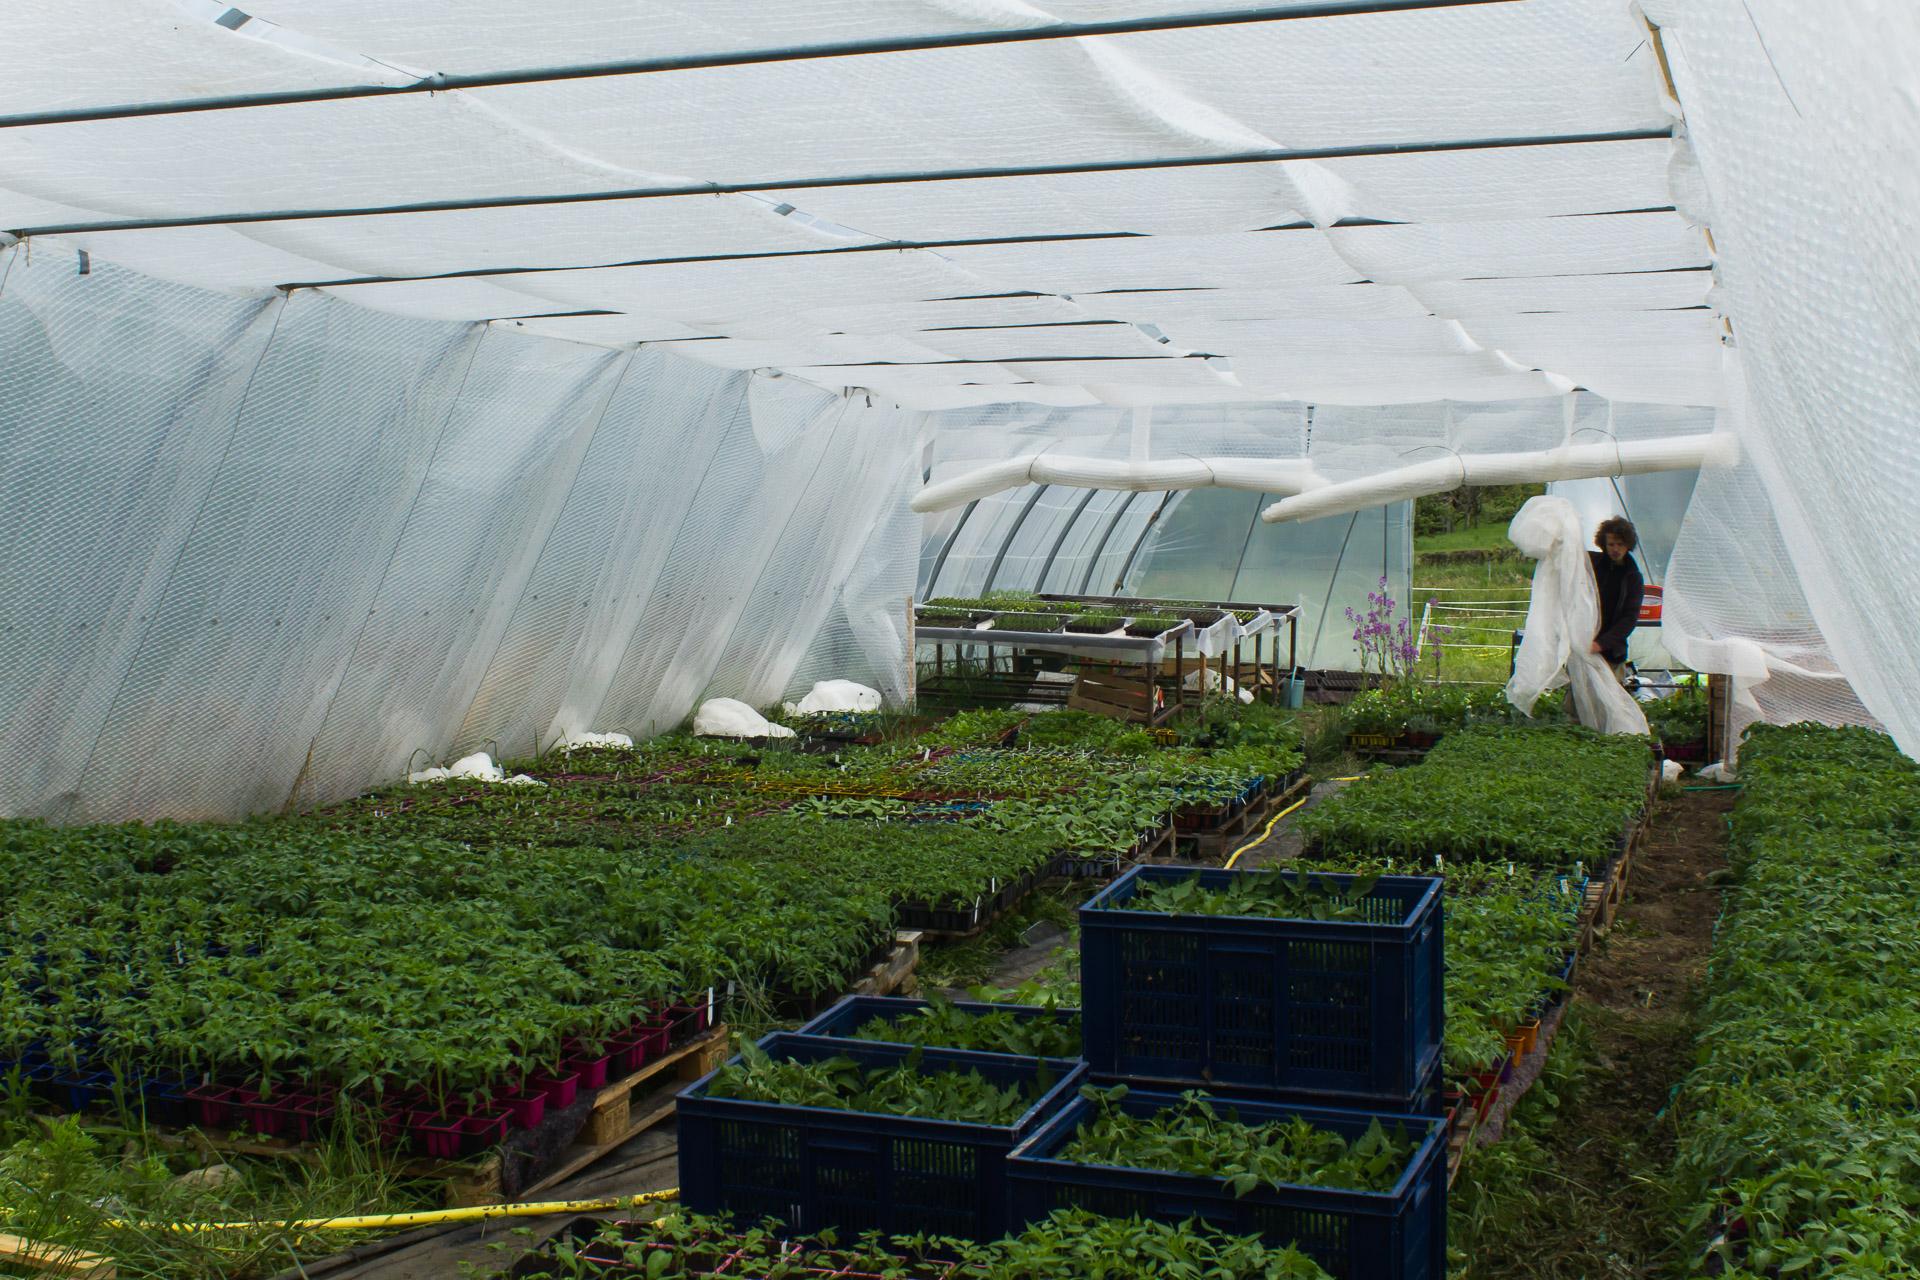 serre froide en montagne pour la production de plants bio